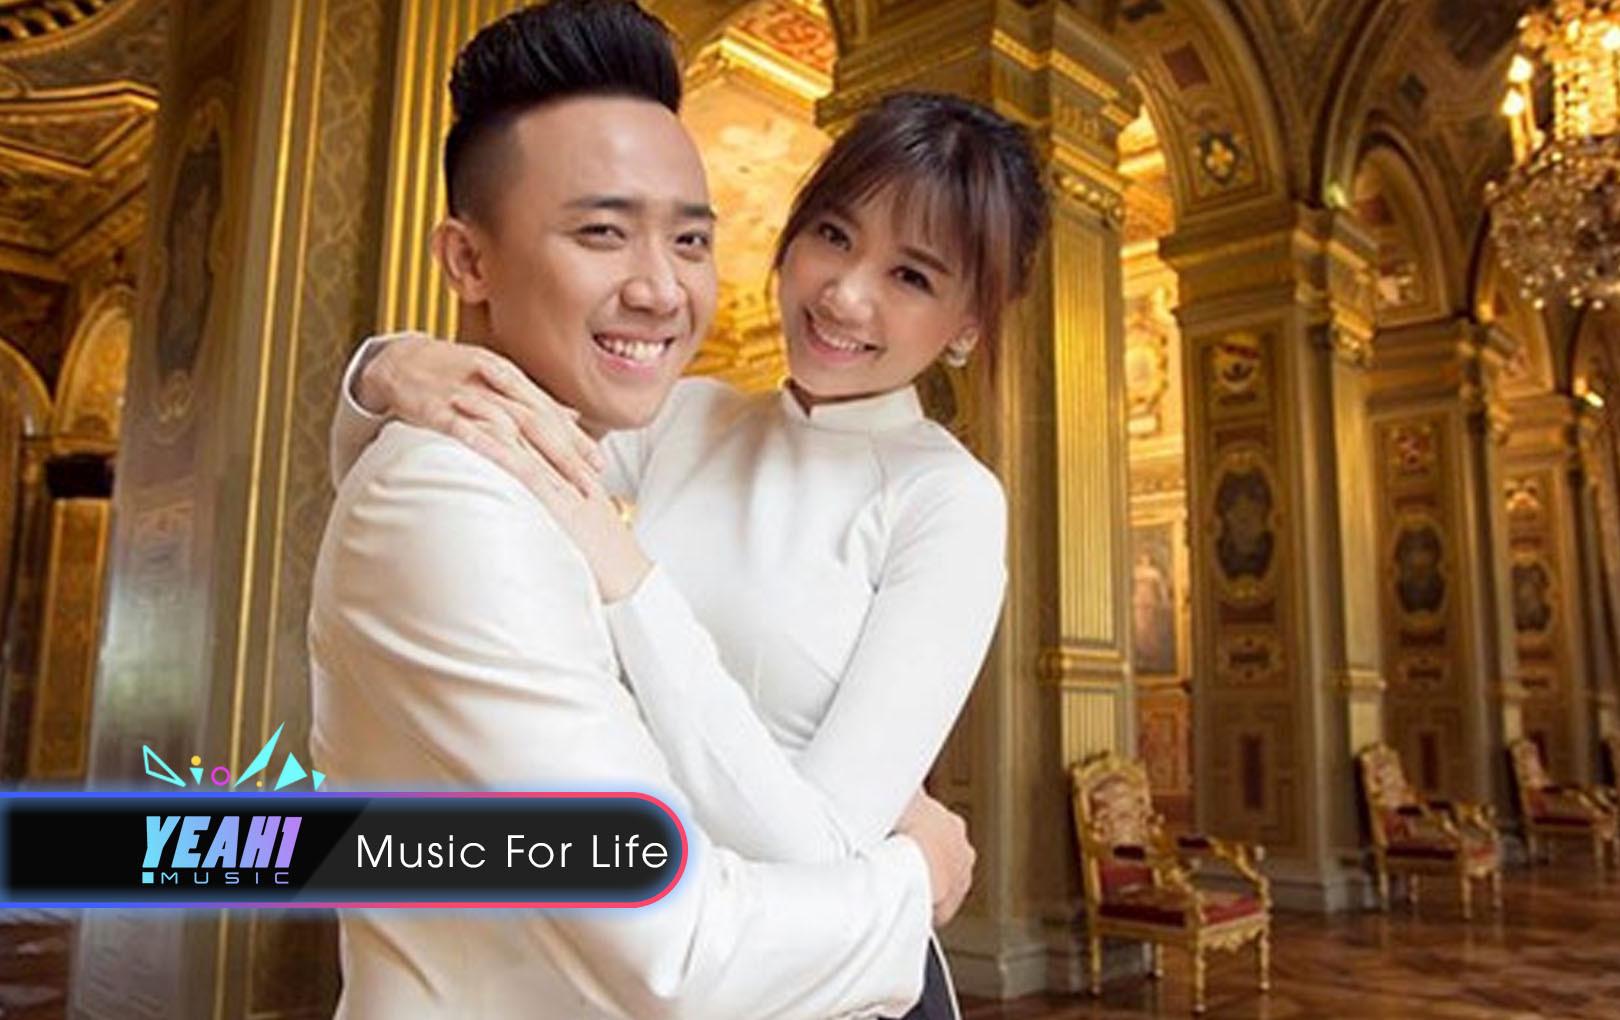 Kỉ niệm 2 năm đám cưới, Trấn Thành tặng Hari Won loạt đồ hiệu đắt đỏ khiến hội chị em phải xuýt xoa